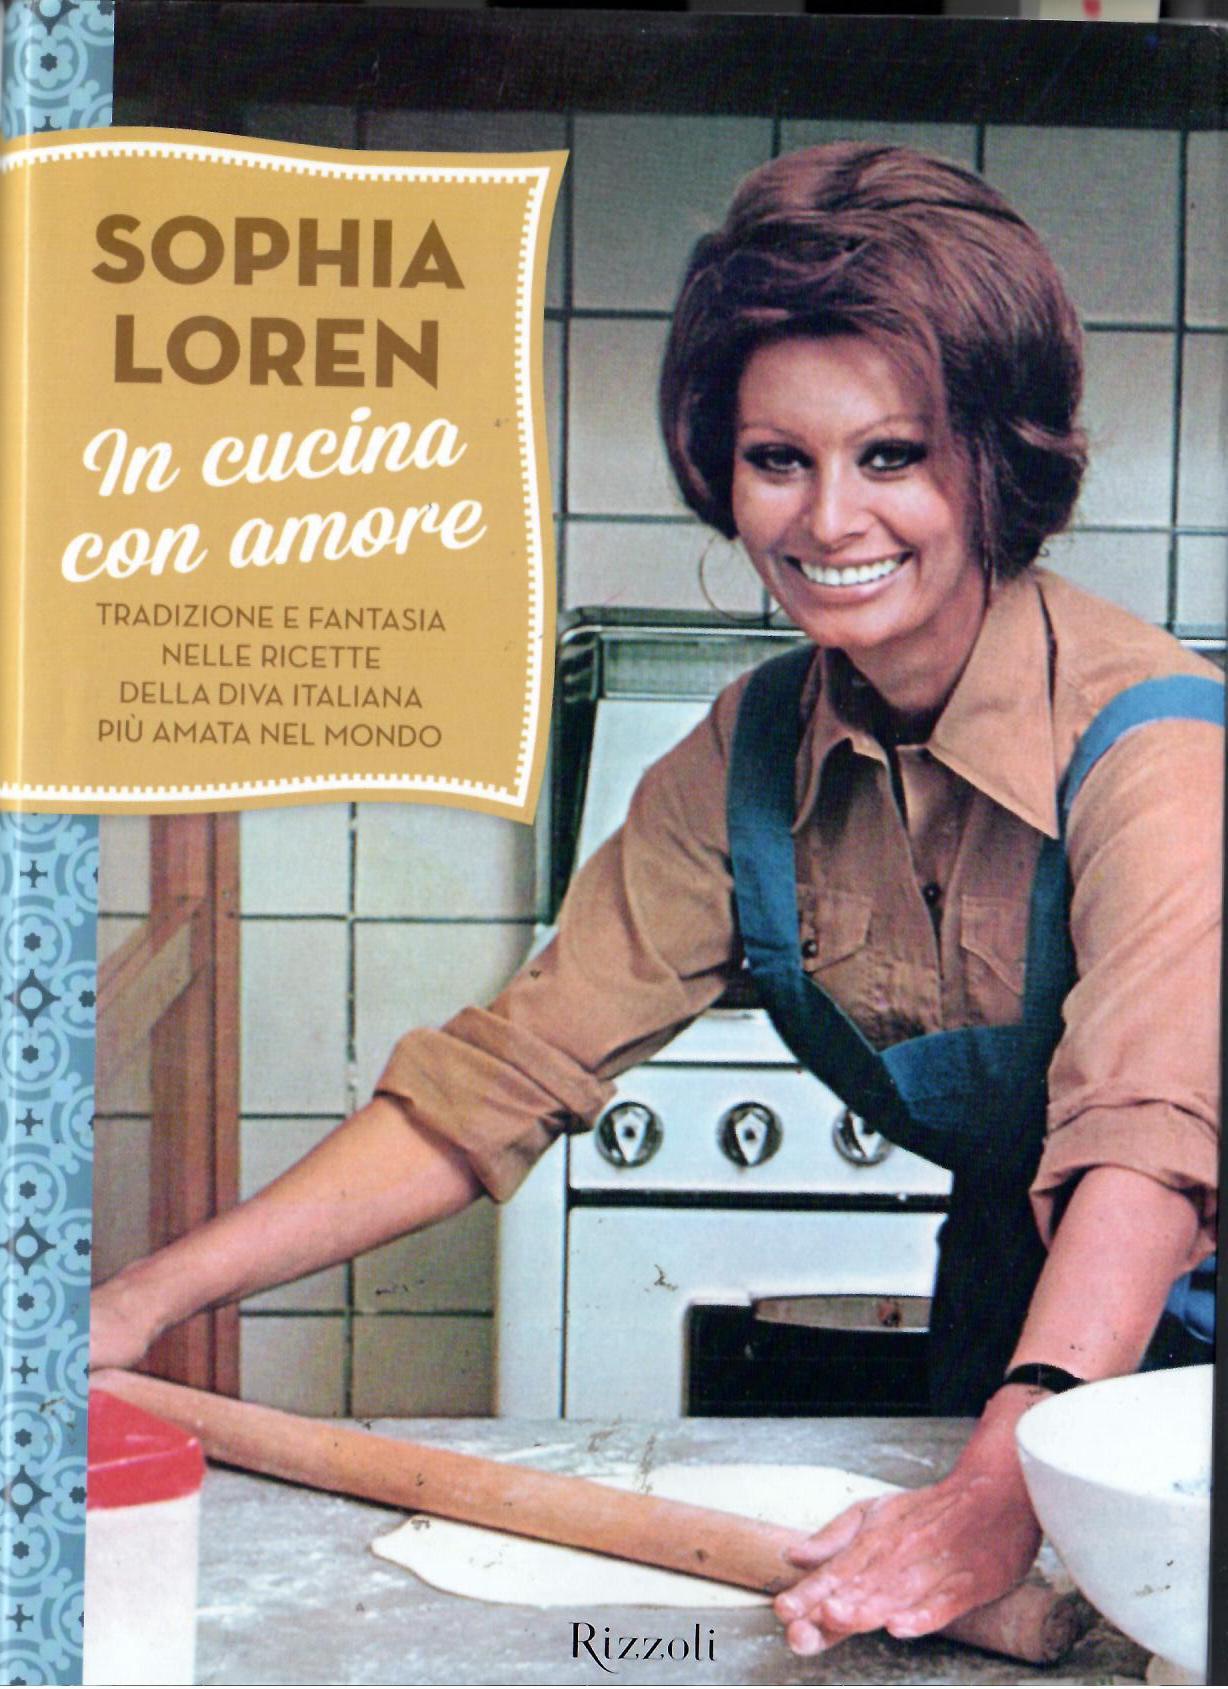 Fig. 2 Copertina del libro di Sophia Loren In cucina con amore, Milano, Rizzoli, 2014